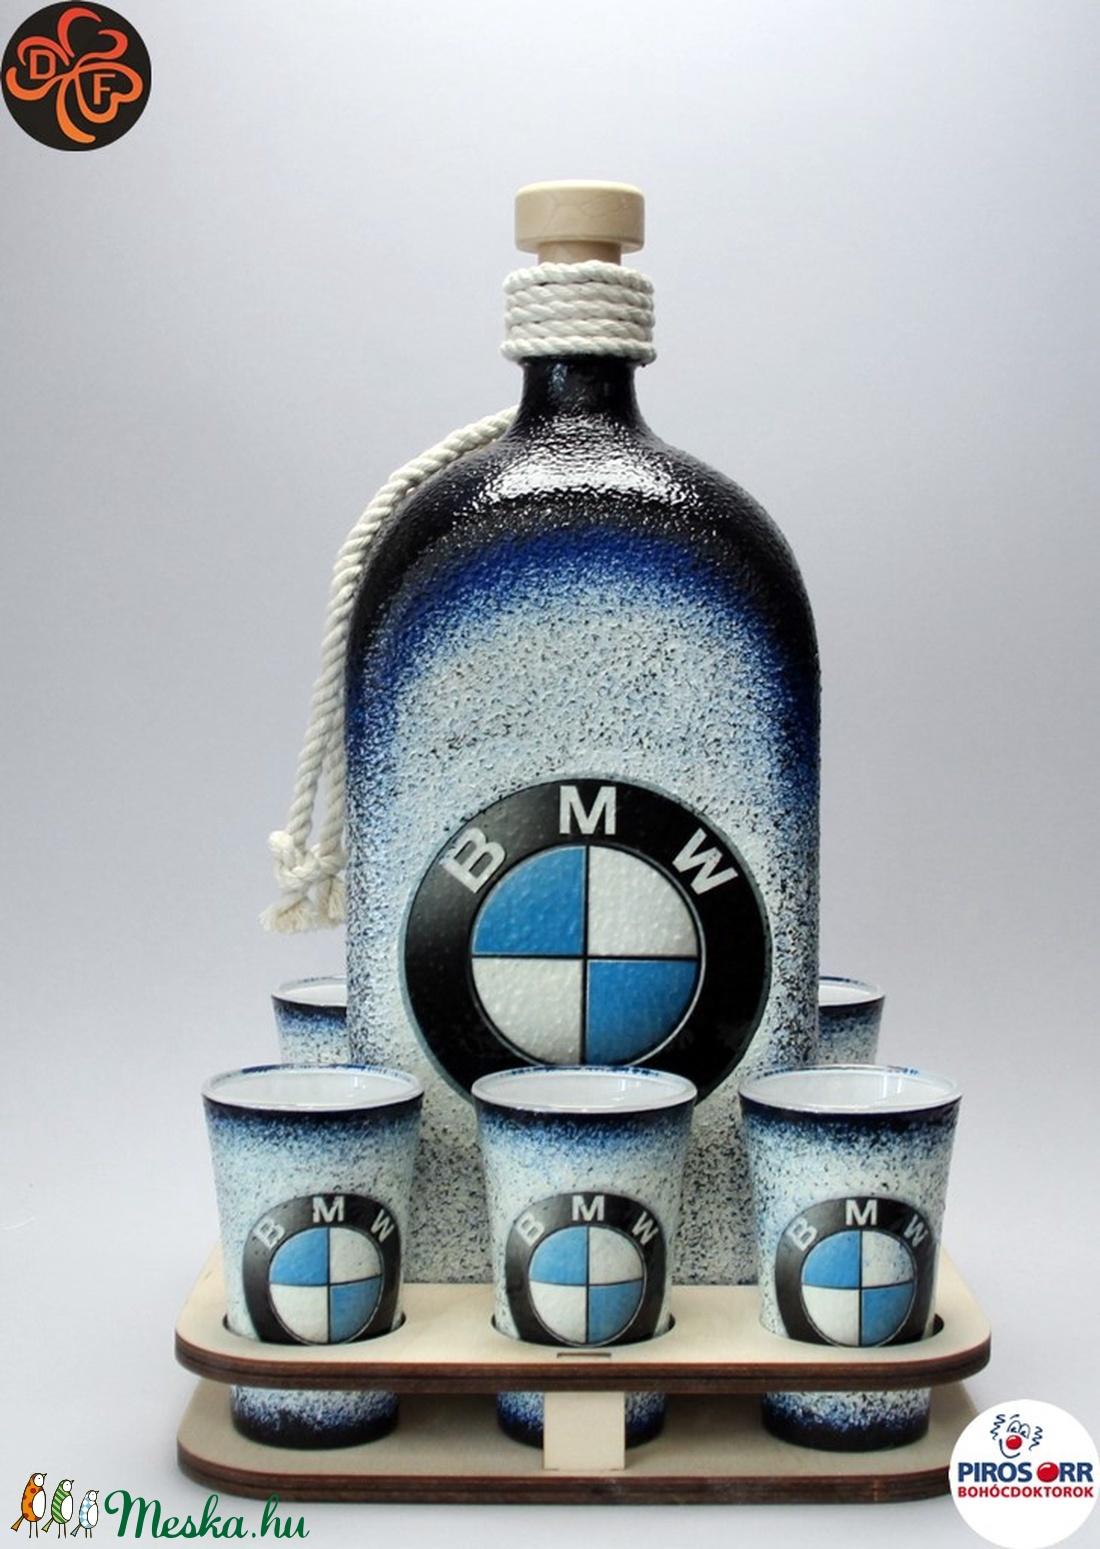 BMW ajándék családi készlet ; A saját BMW autód fotójával is!  (decorfantasy) - Meska.hu